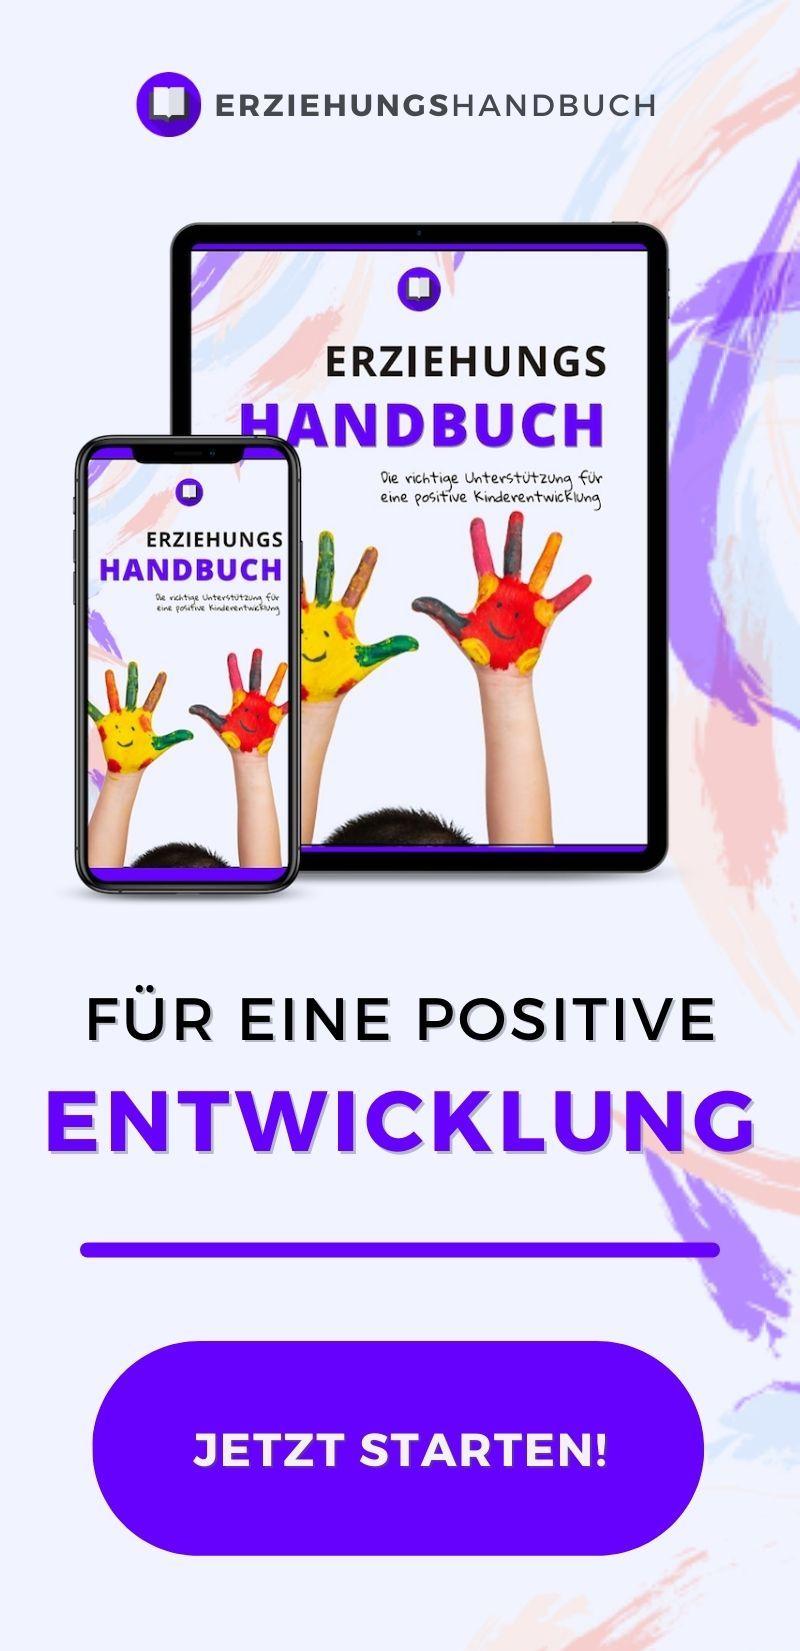 Erziehungs-Handbuch Sidebar